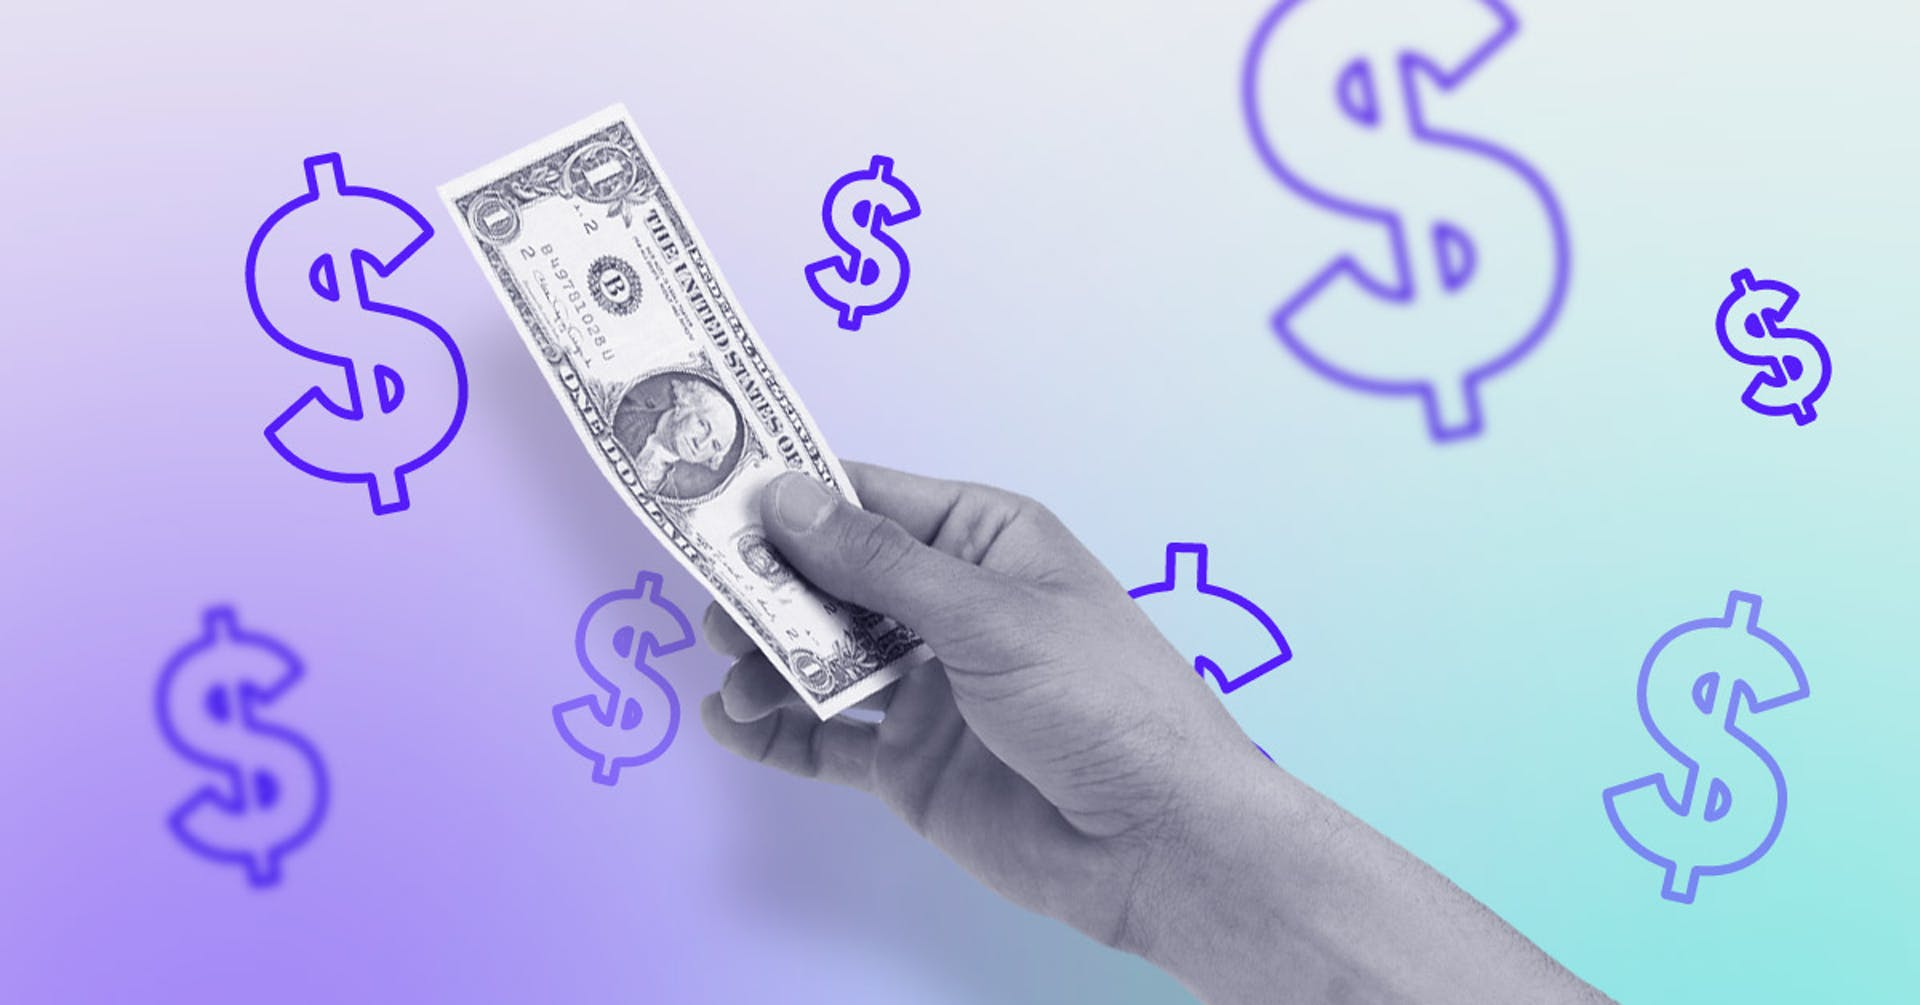 ¿Cómo ganar en dólares por internet? 8 maneras de aumentar tus ingresos desde casa